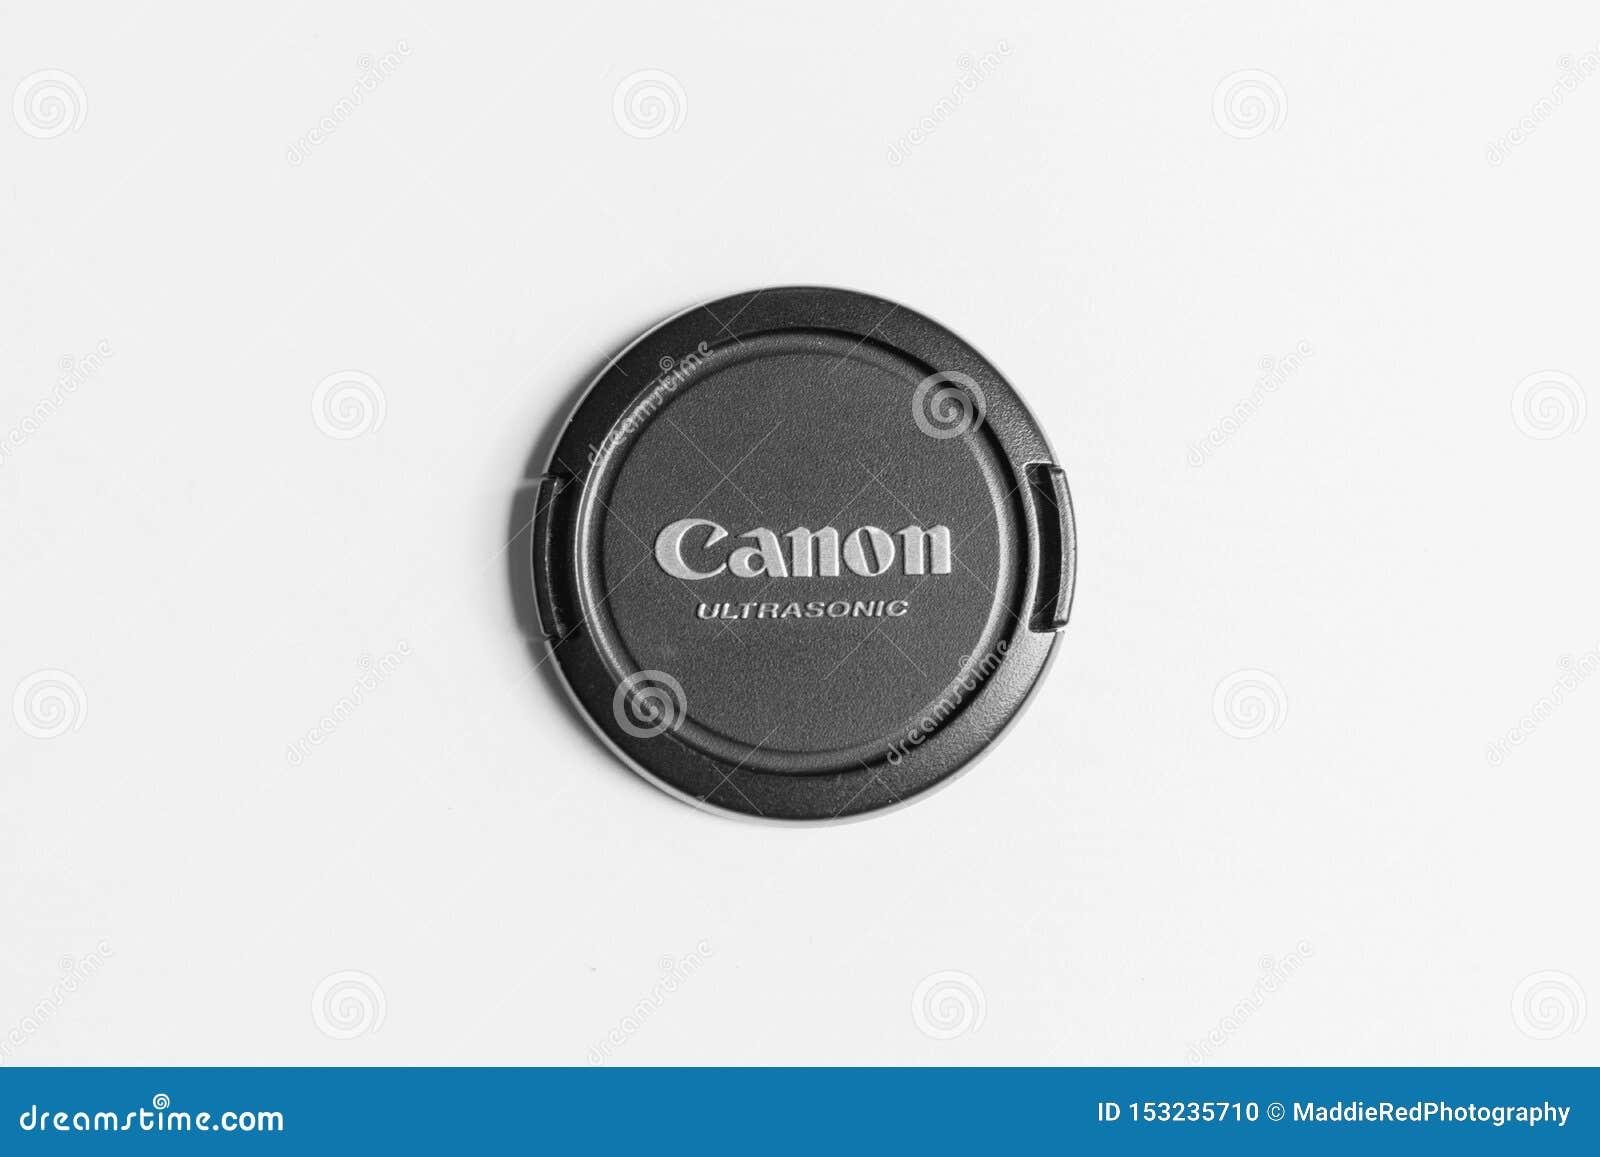 London/BRITISCHE am 11. Juli 2019 - Nahaufnahme einer Canon-Linsenkappe auf einer weißen Oberfläche